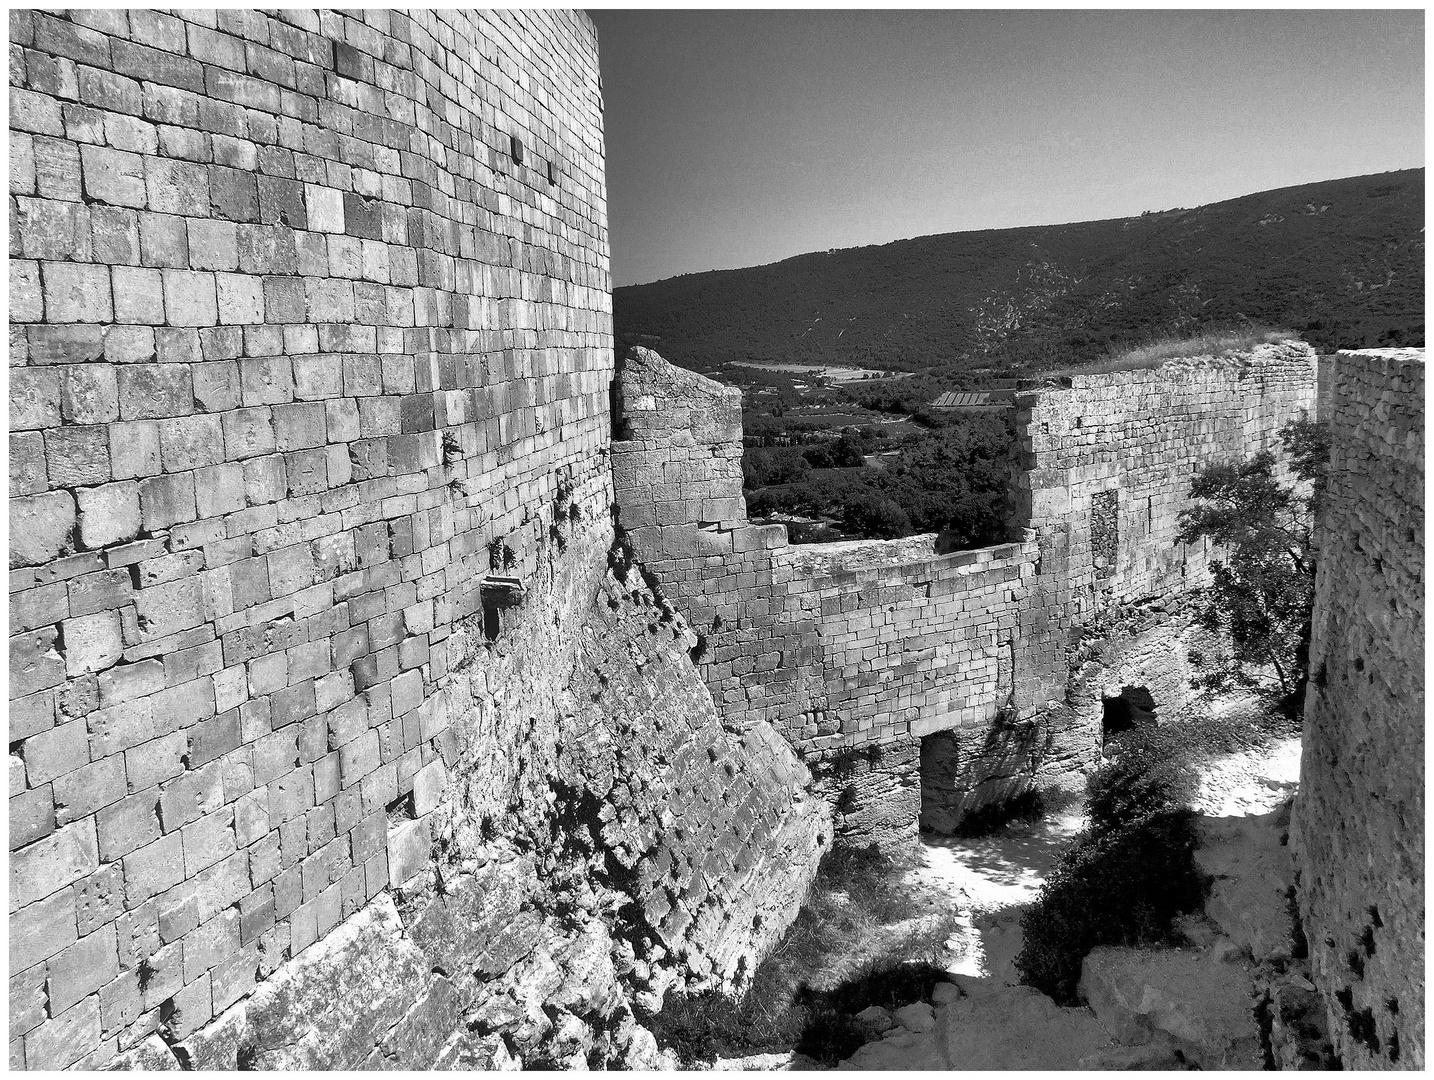 Effet de ruines